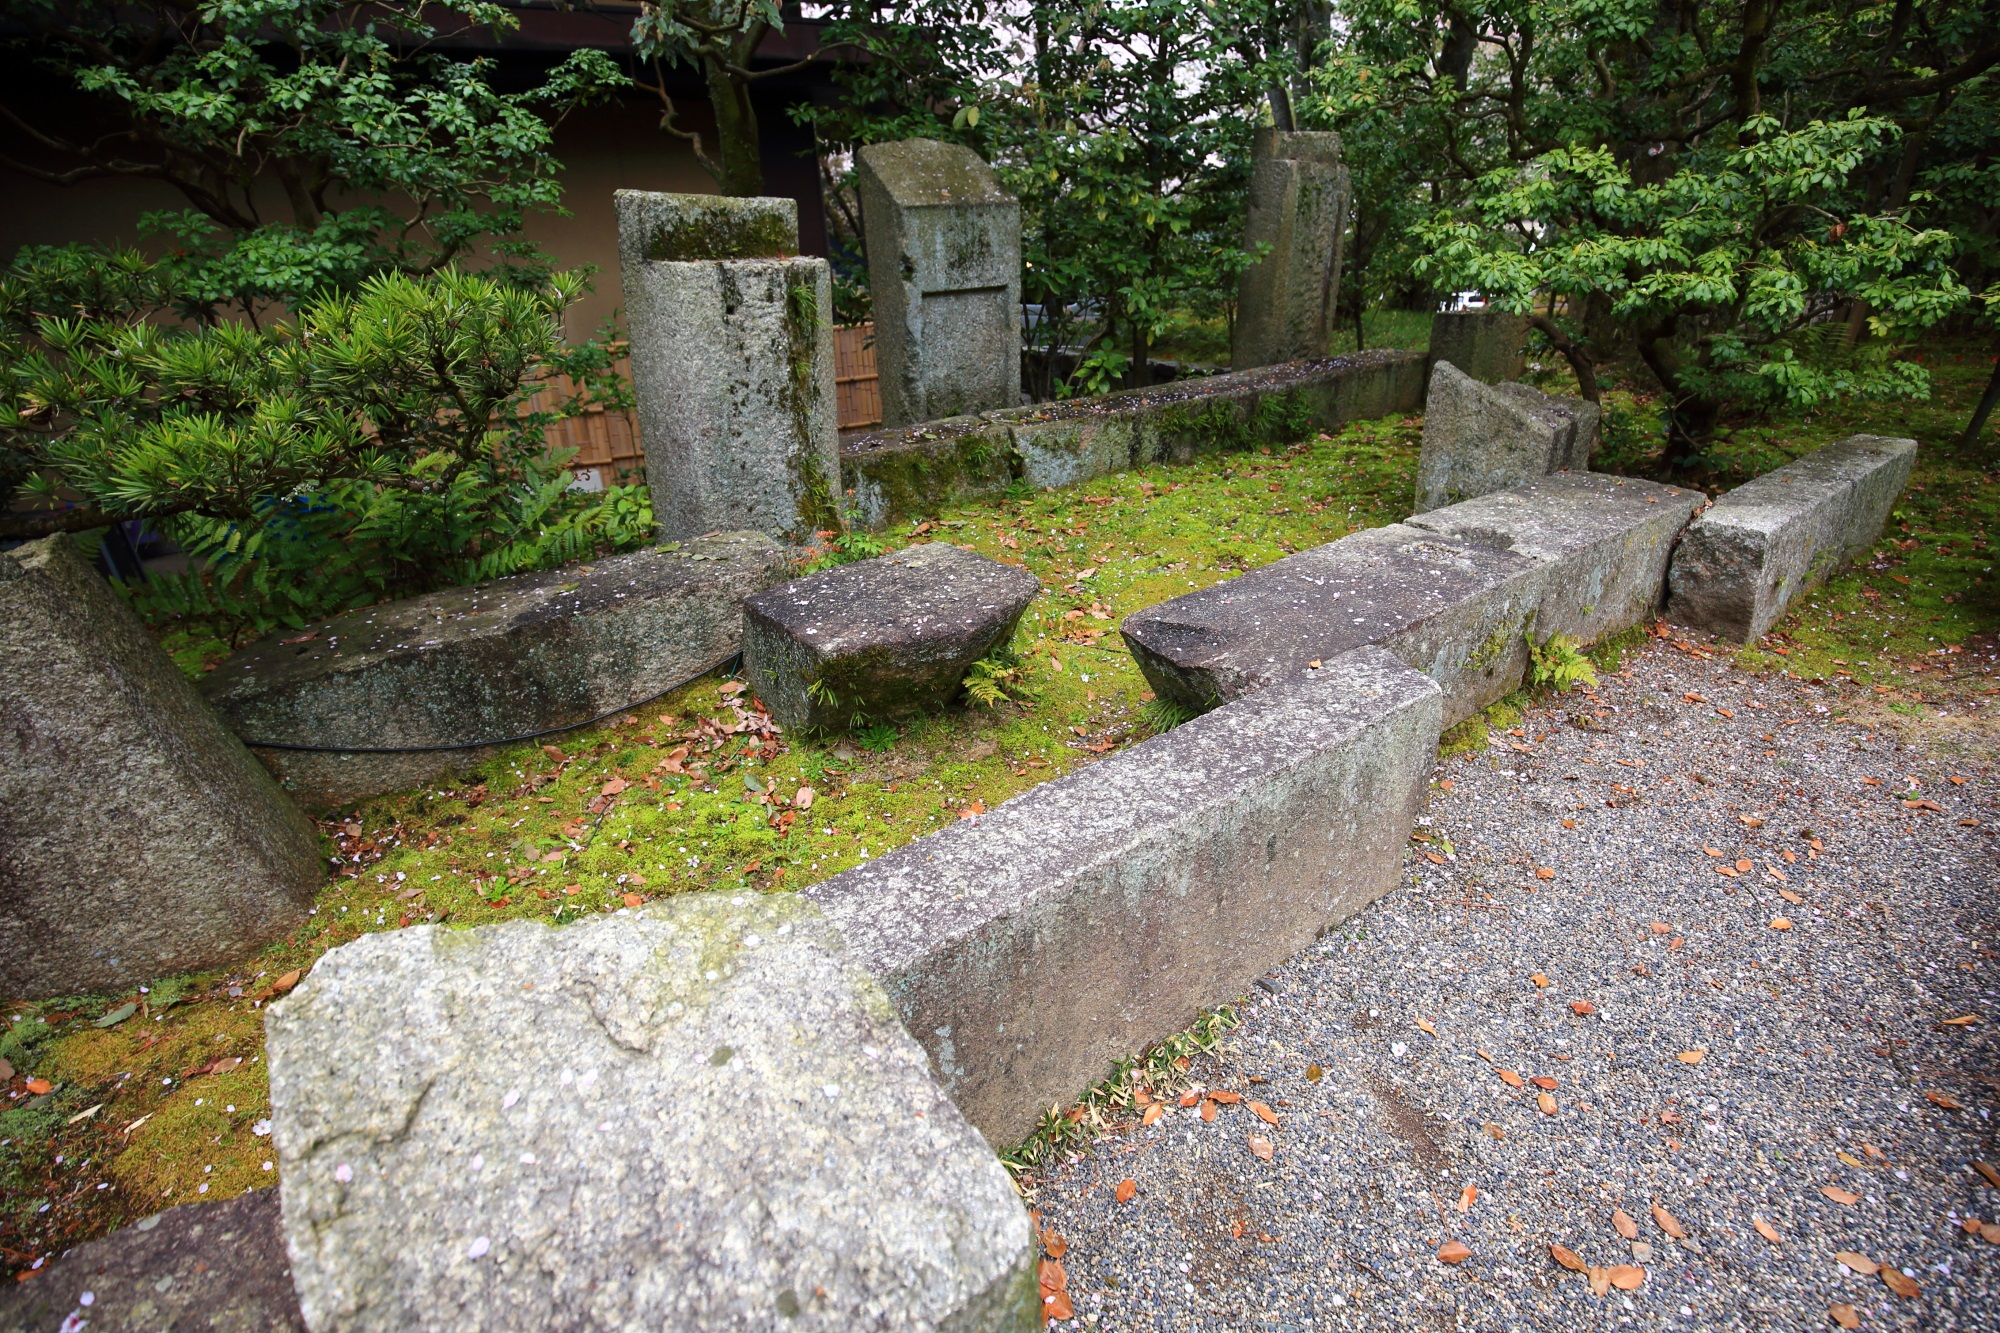 参道の一部分がお庭になっている重森三玲作の「鳩峯寮の庭」という小さな石庭